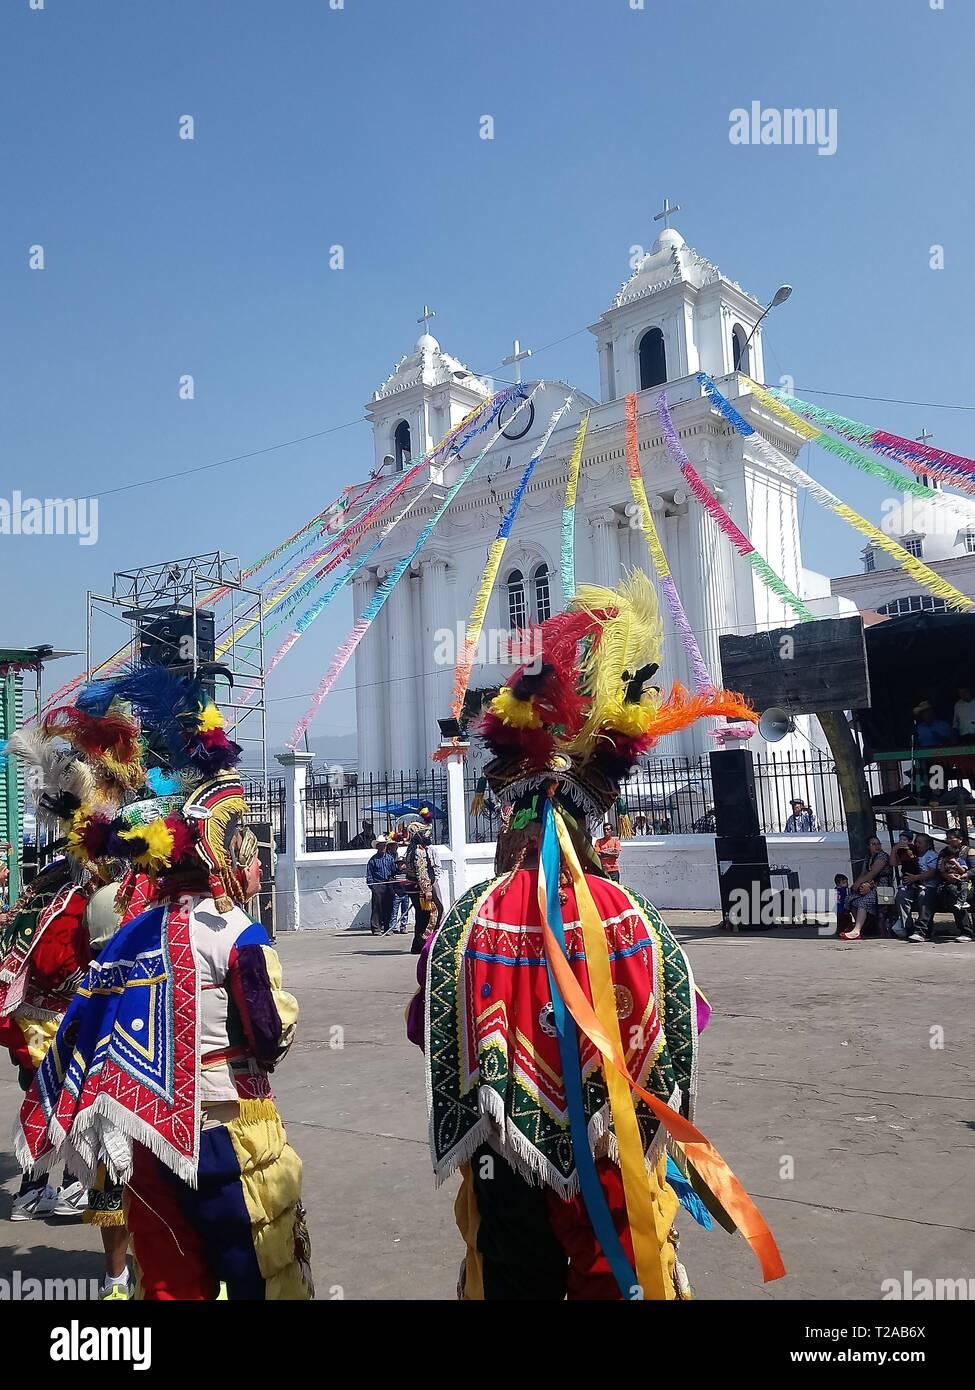 El baile tradicional de los toritos y venados una tradición guatemalteca cultura única fiesta patronal san juan osculcalco quetzaltenango municipio  i - Stock Image